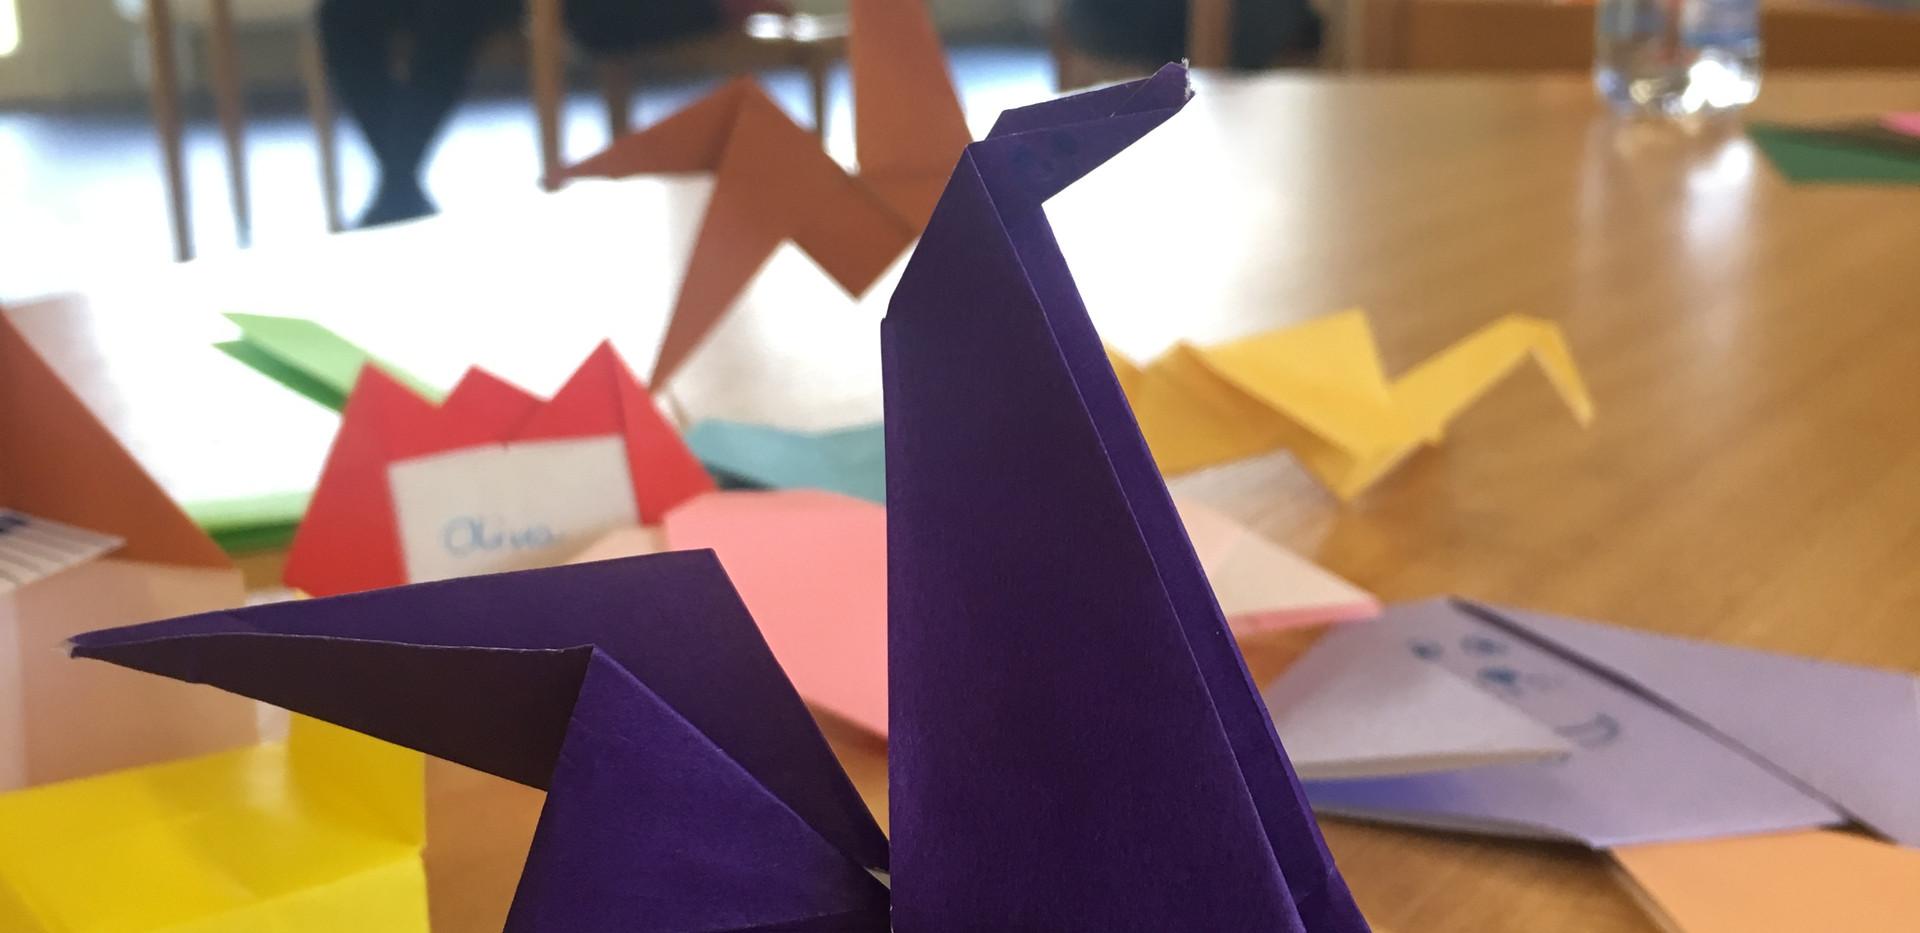 Origami2.Klasse 1.JPG